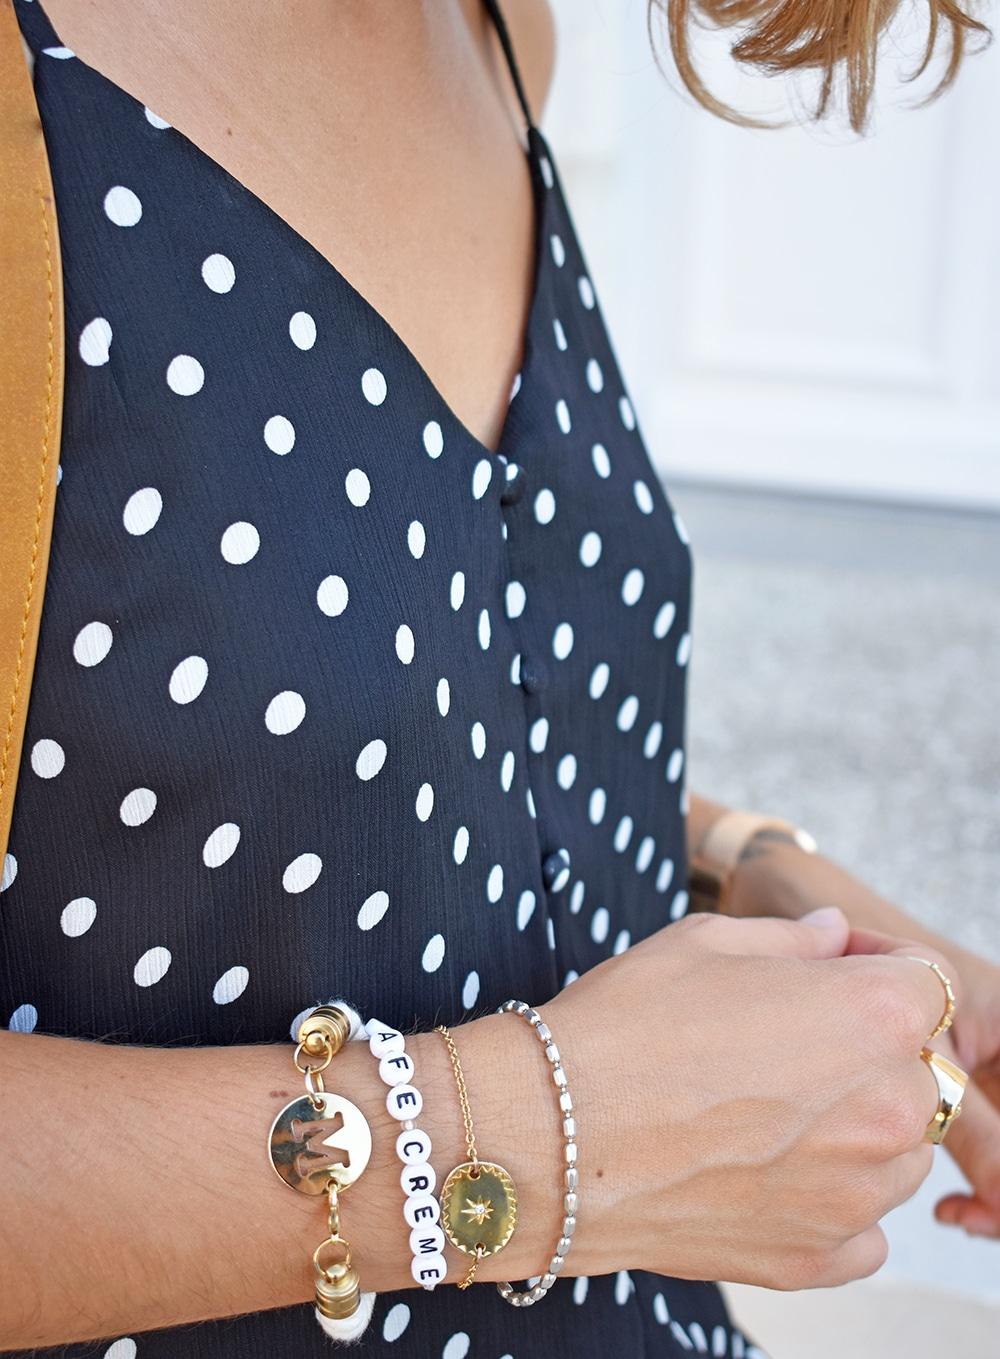 combinaison pois polkadots la petite fleche accumulation bijoux initiales or